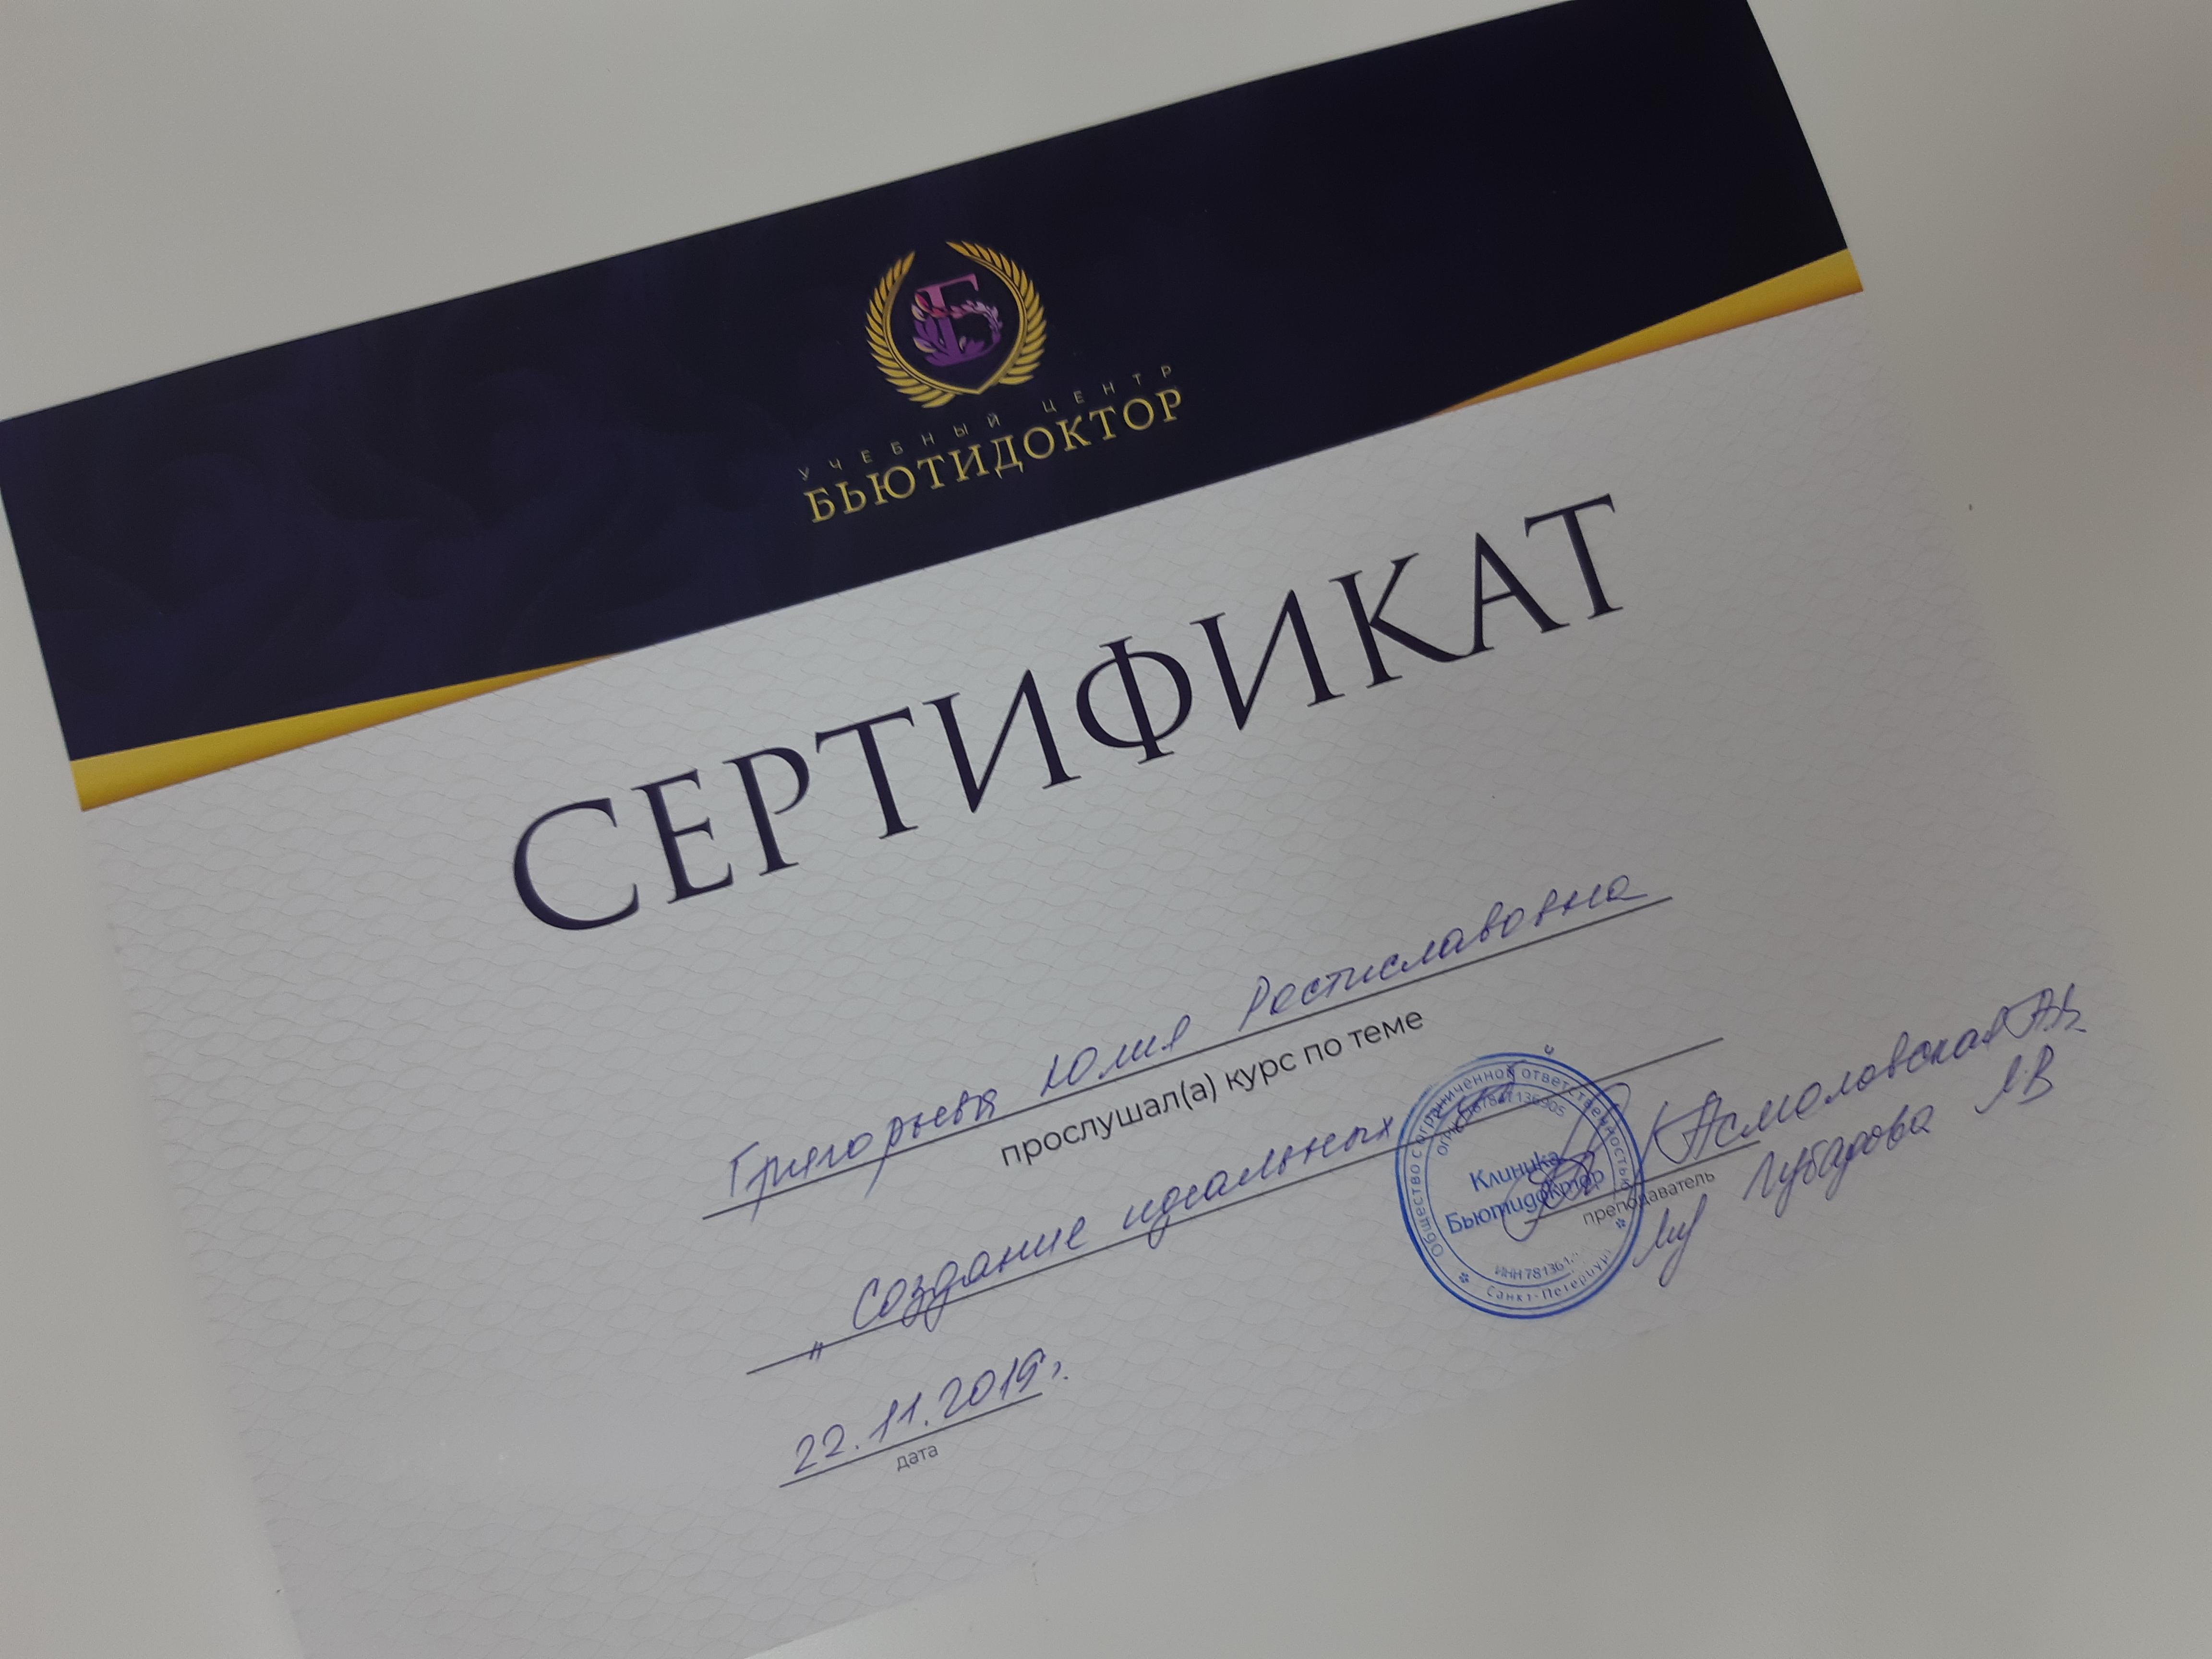 Григорьева Юлия Ростиславовна посетила практический семинар «Создание идеальных губ»